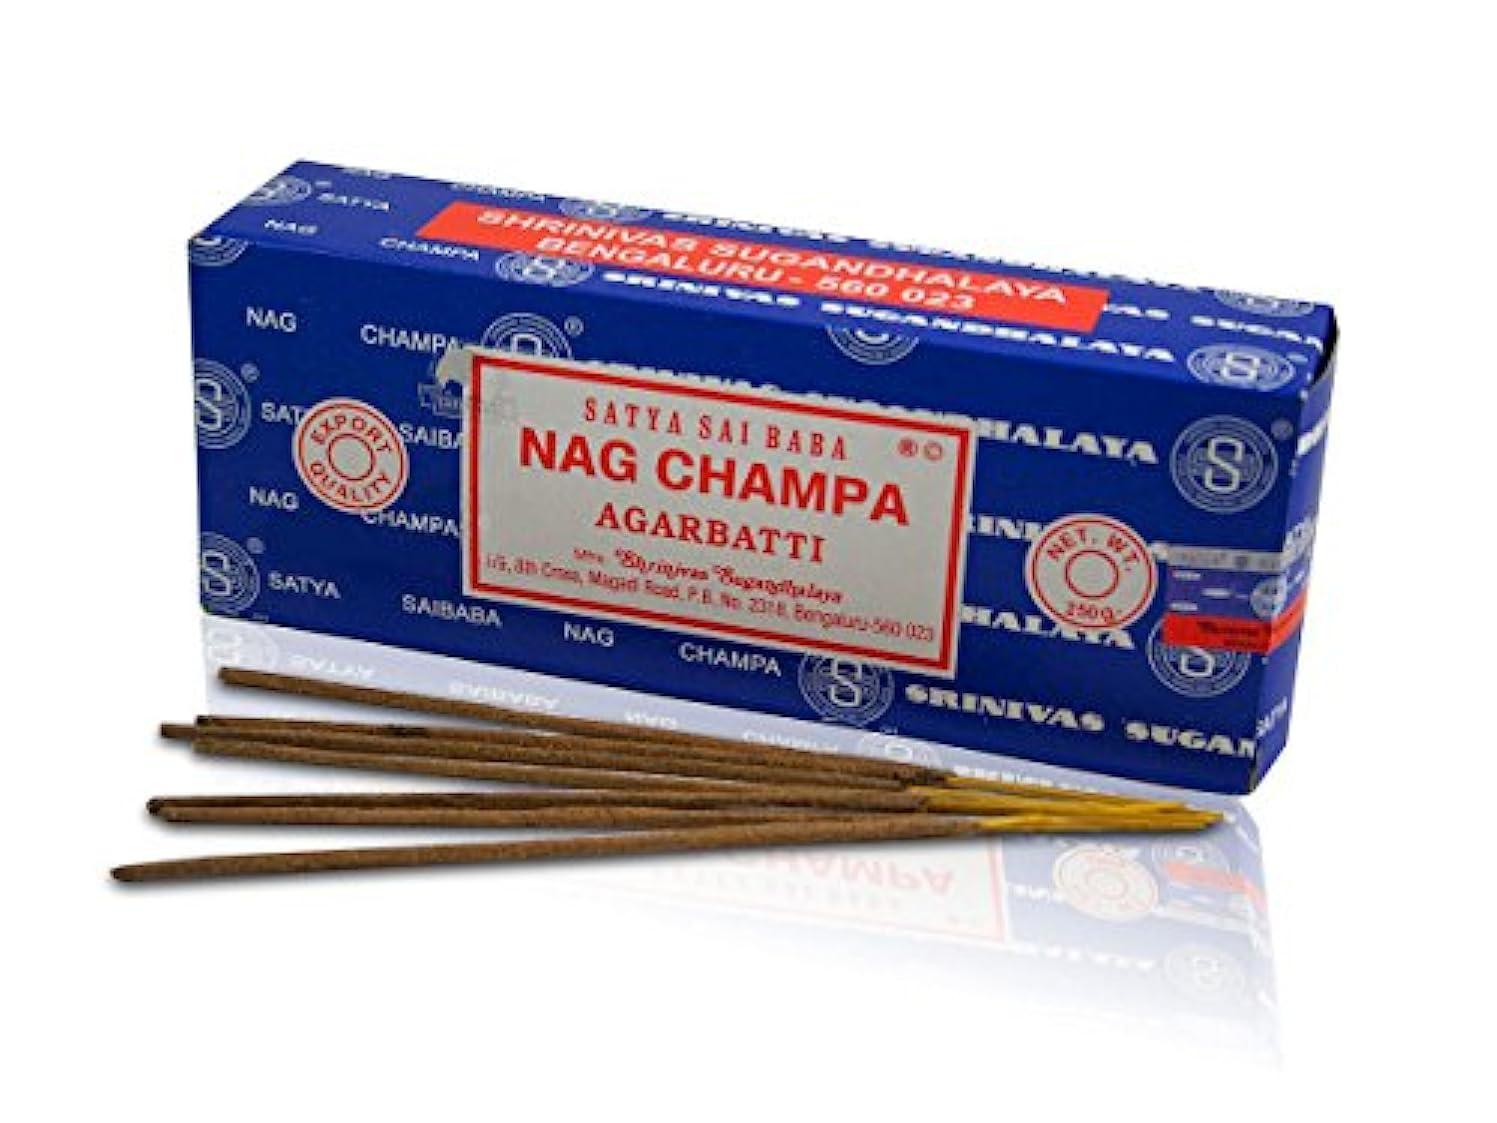 アンデス山脈コメンテーター固めるSatya Nag Champa 250ミリグラムIncense Stick